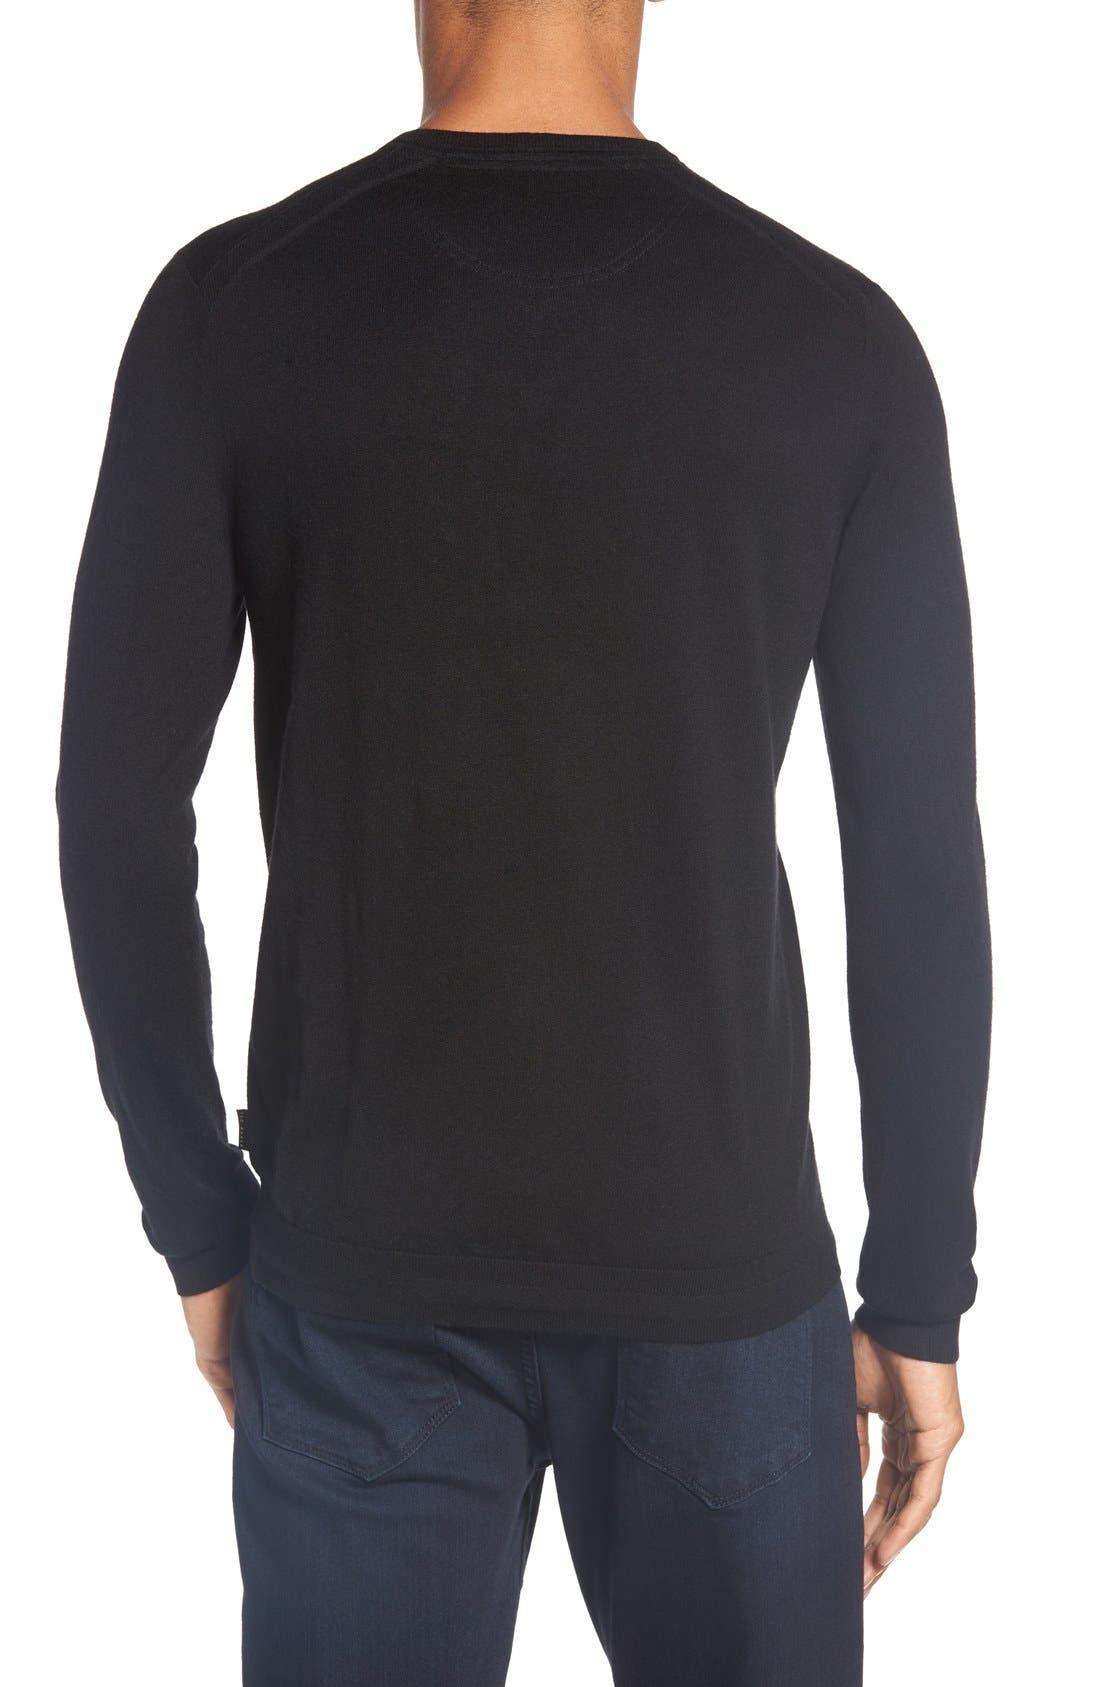 'Cashguy' Trim Fit V-Neck Sweater,                             Alternate thumbnail 2, color,                             001